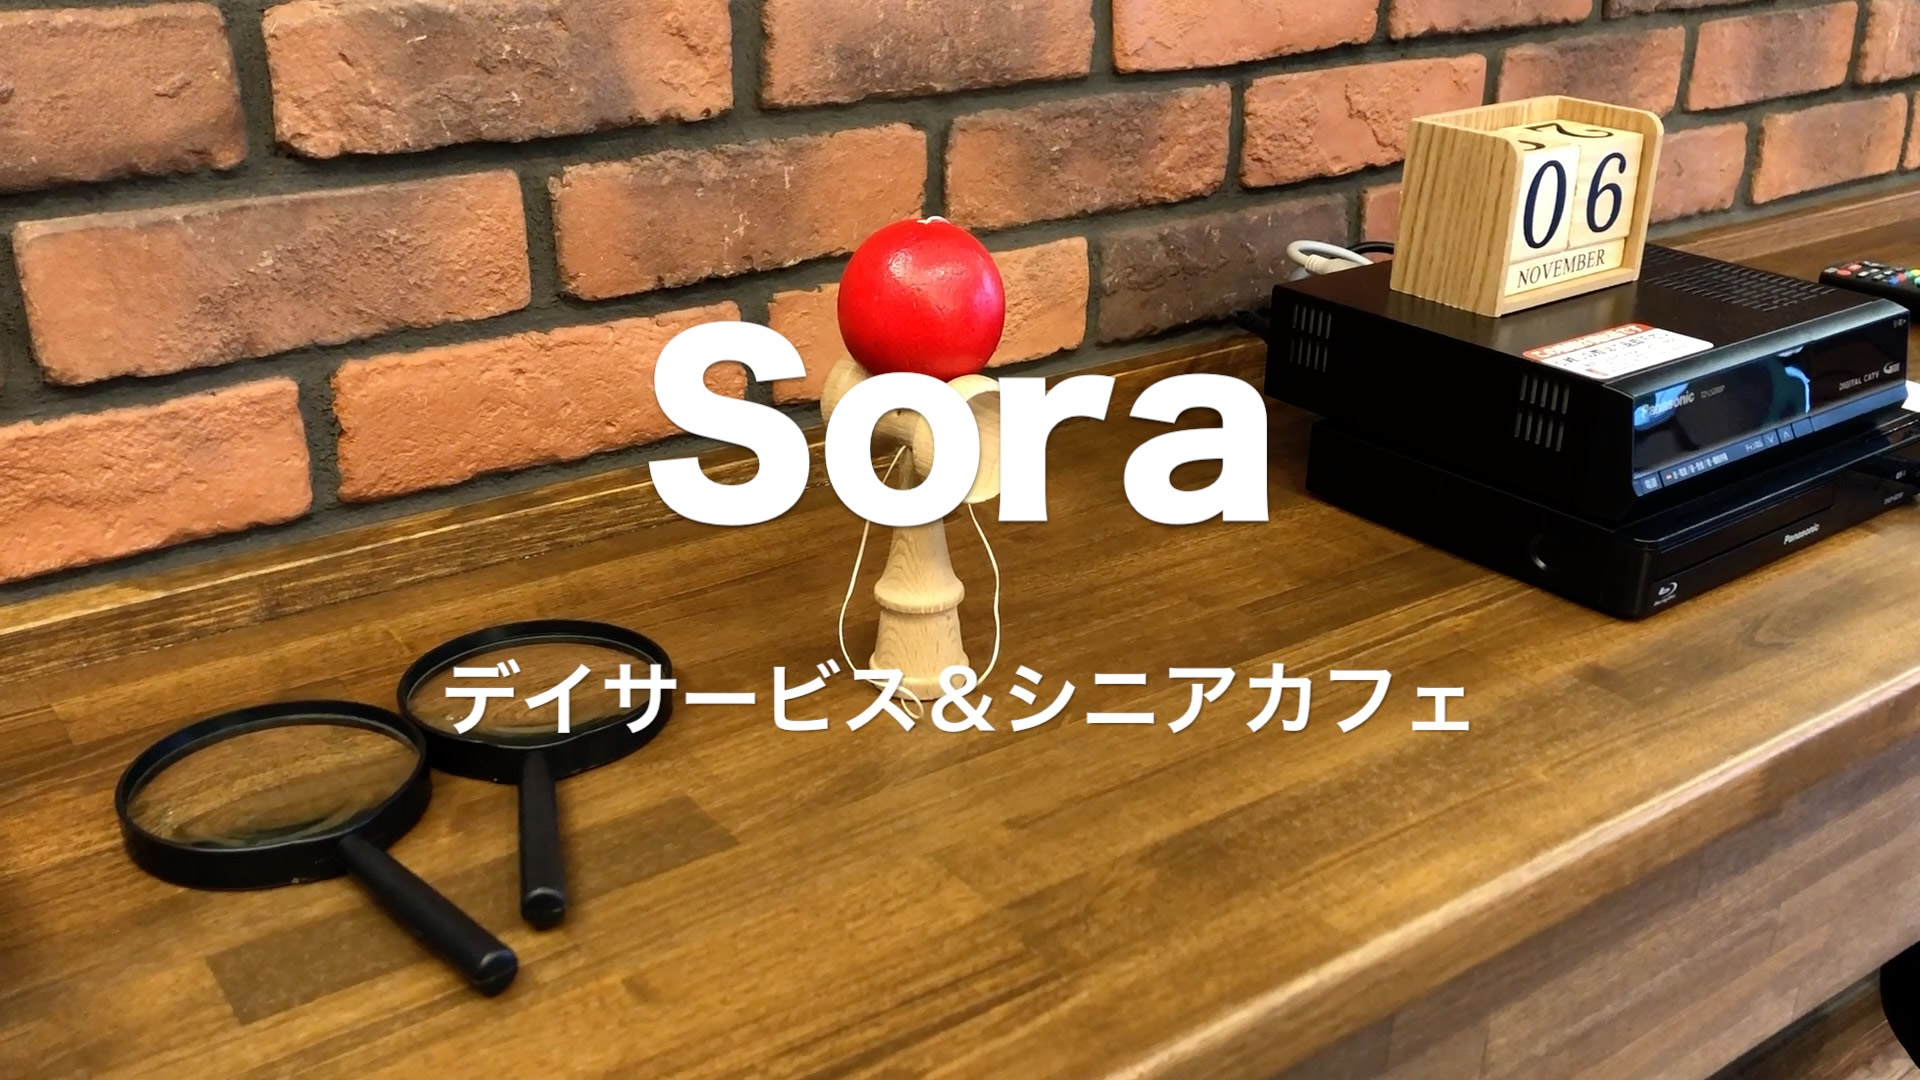 デイサービス&シニアカフェSora × りずむチャンネル